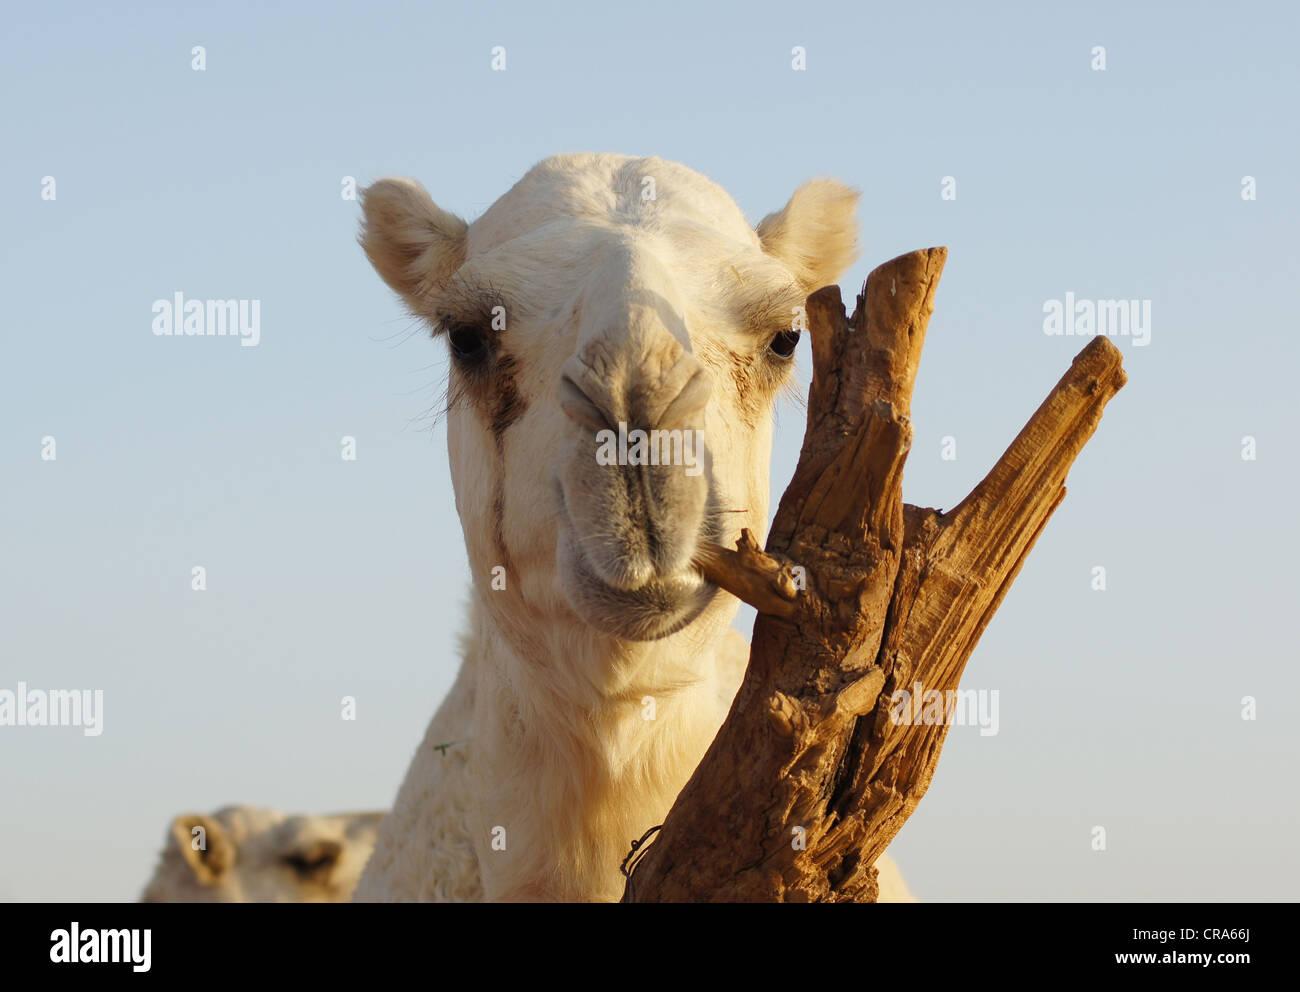 Camel chewing-souche d'arbre. Désert de sable rouge, Riyadh, Royaume d'Arabie Saoudite Photo Stock